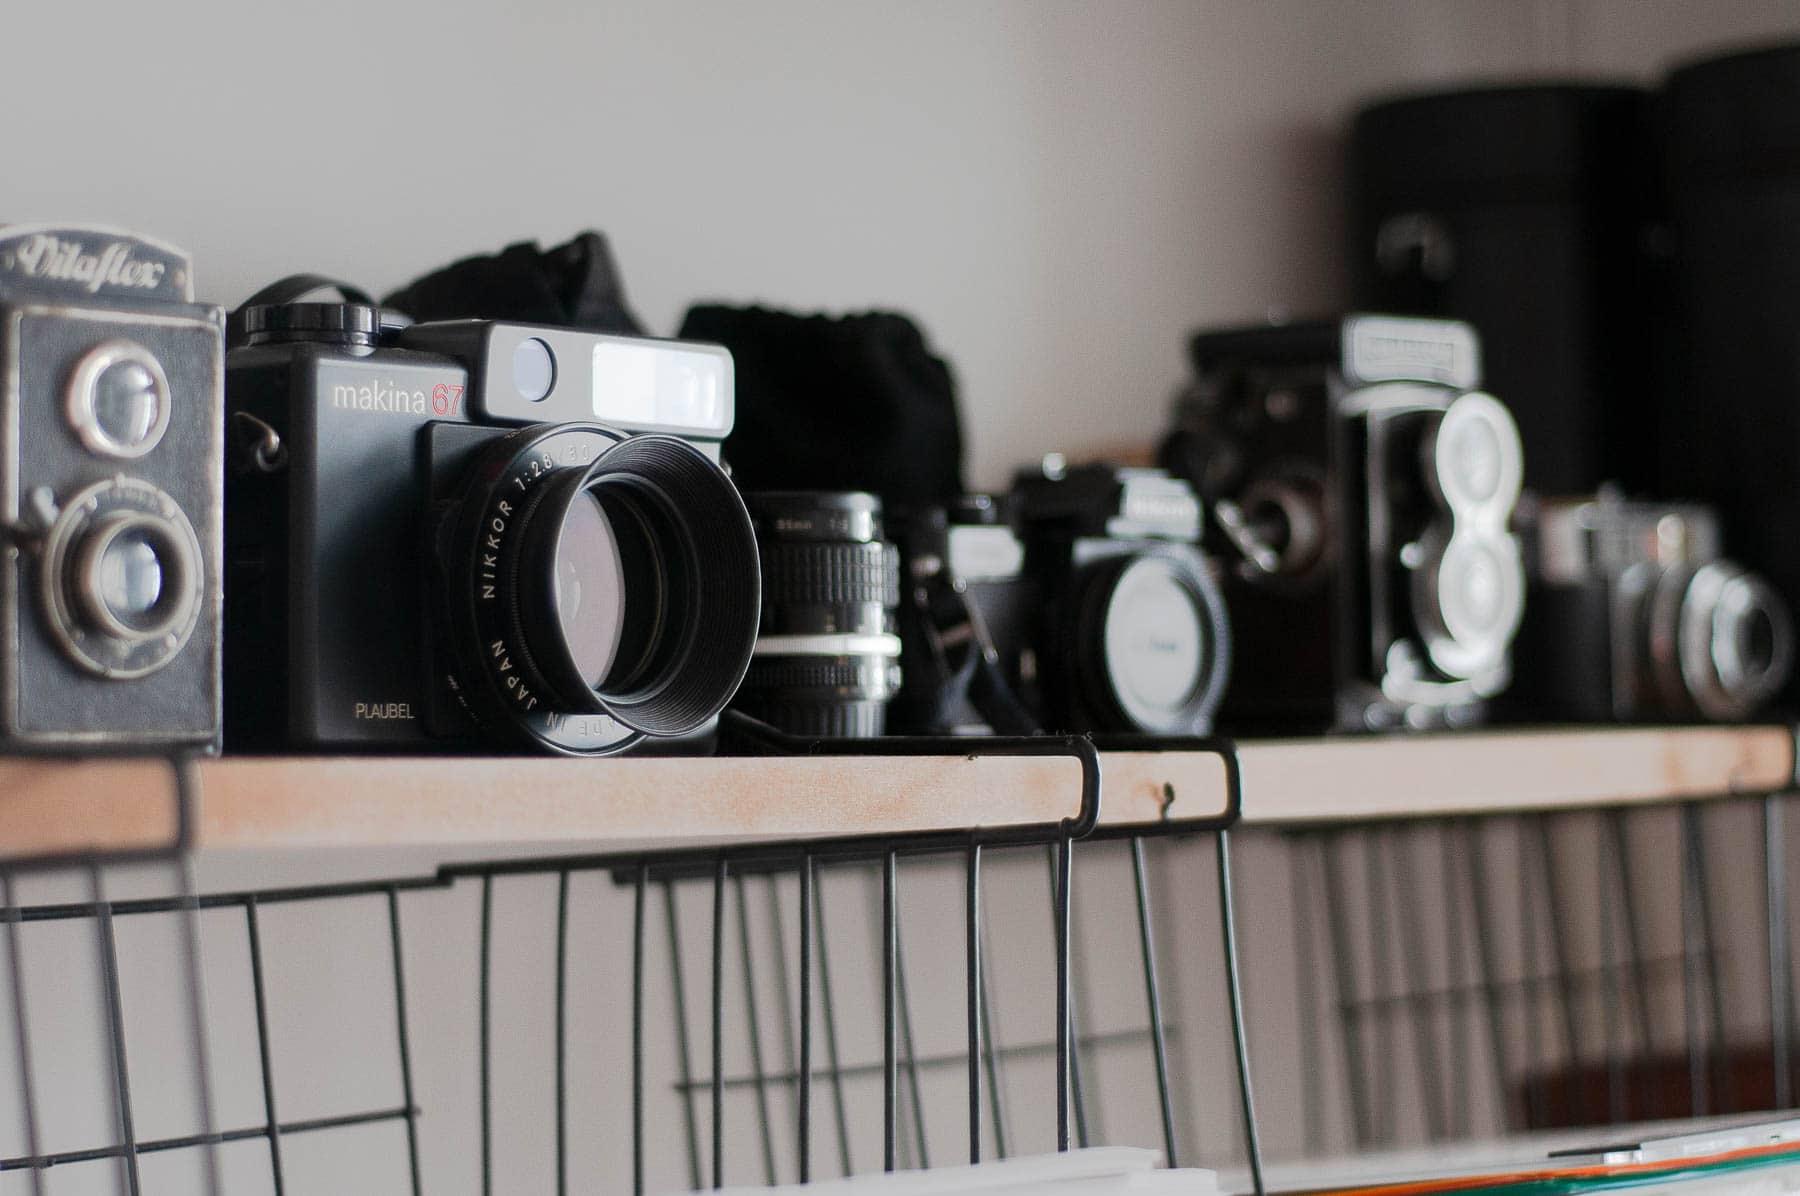 Wir fotografieren im Rahmen des Multimedialen Kreativtrainings und der Kunsttherapie mit analogen Kameras.